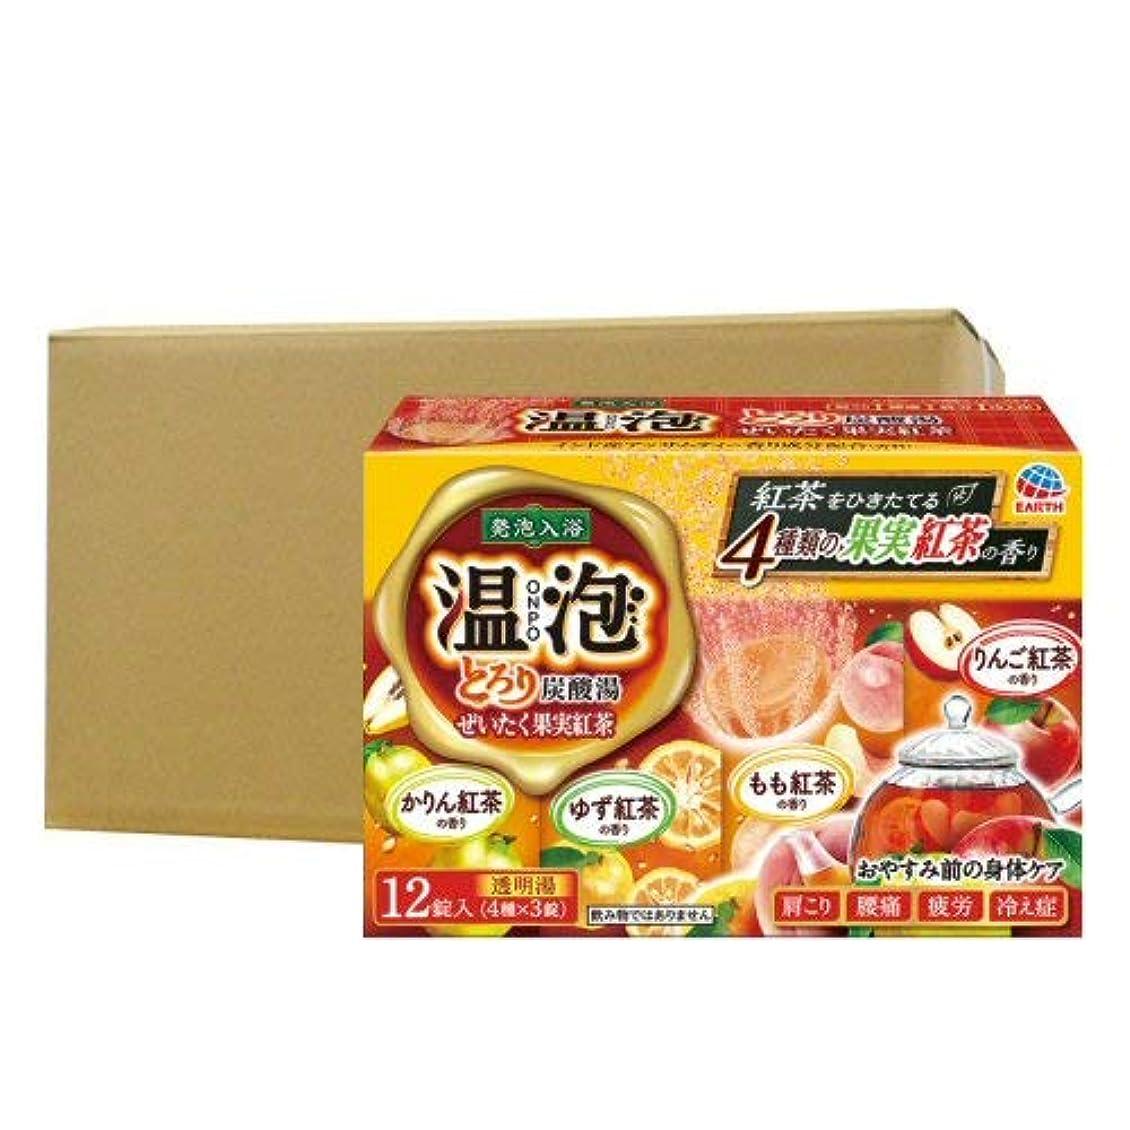 放散する放散する専門化する温泡 ONPO とろり炭酸湯 ぜいたく果実紅茶 12錠入り×16個